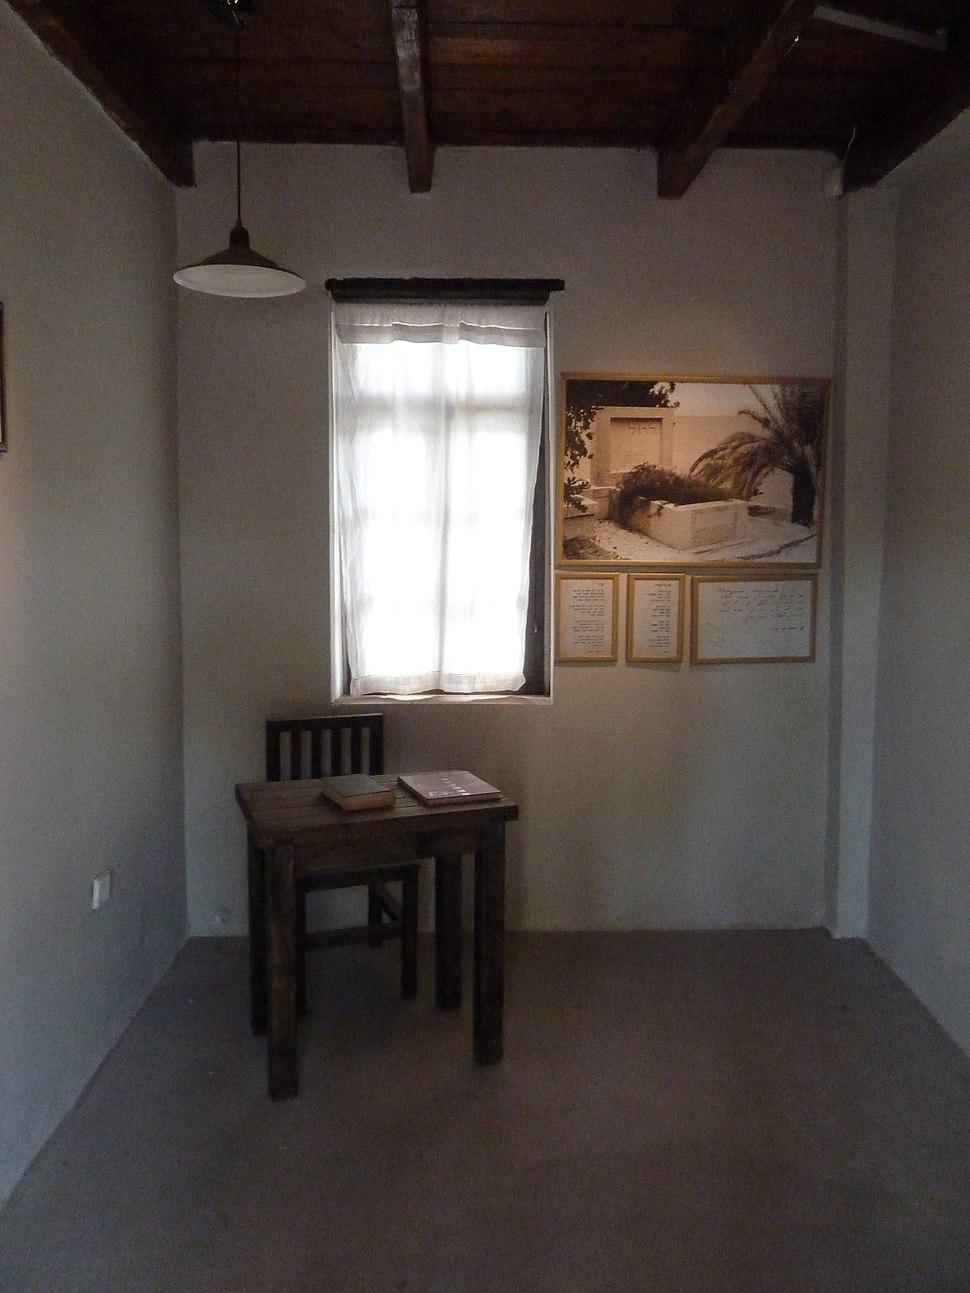 Rachel Bluwstein's Memorial Room P1180704